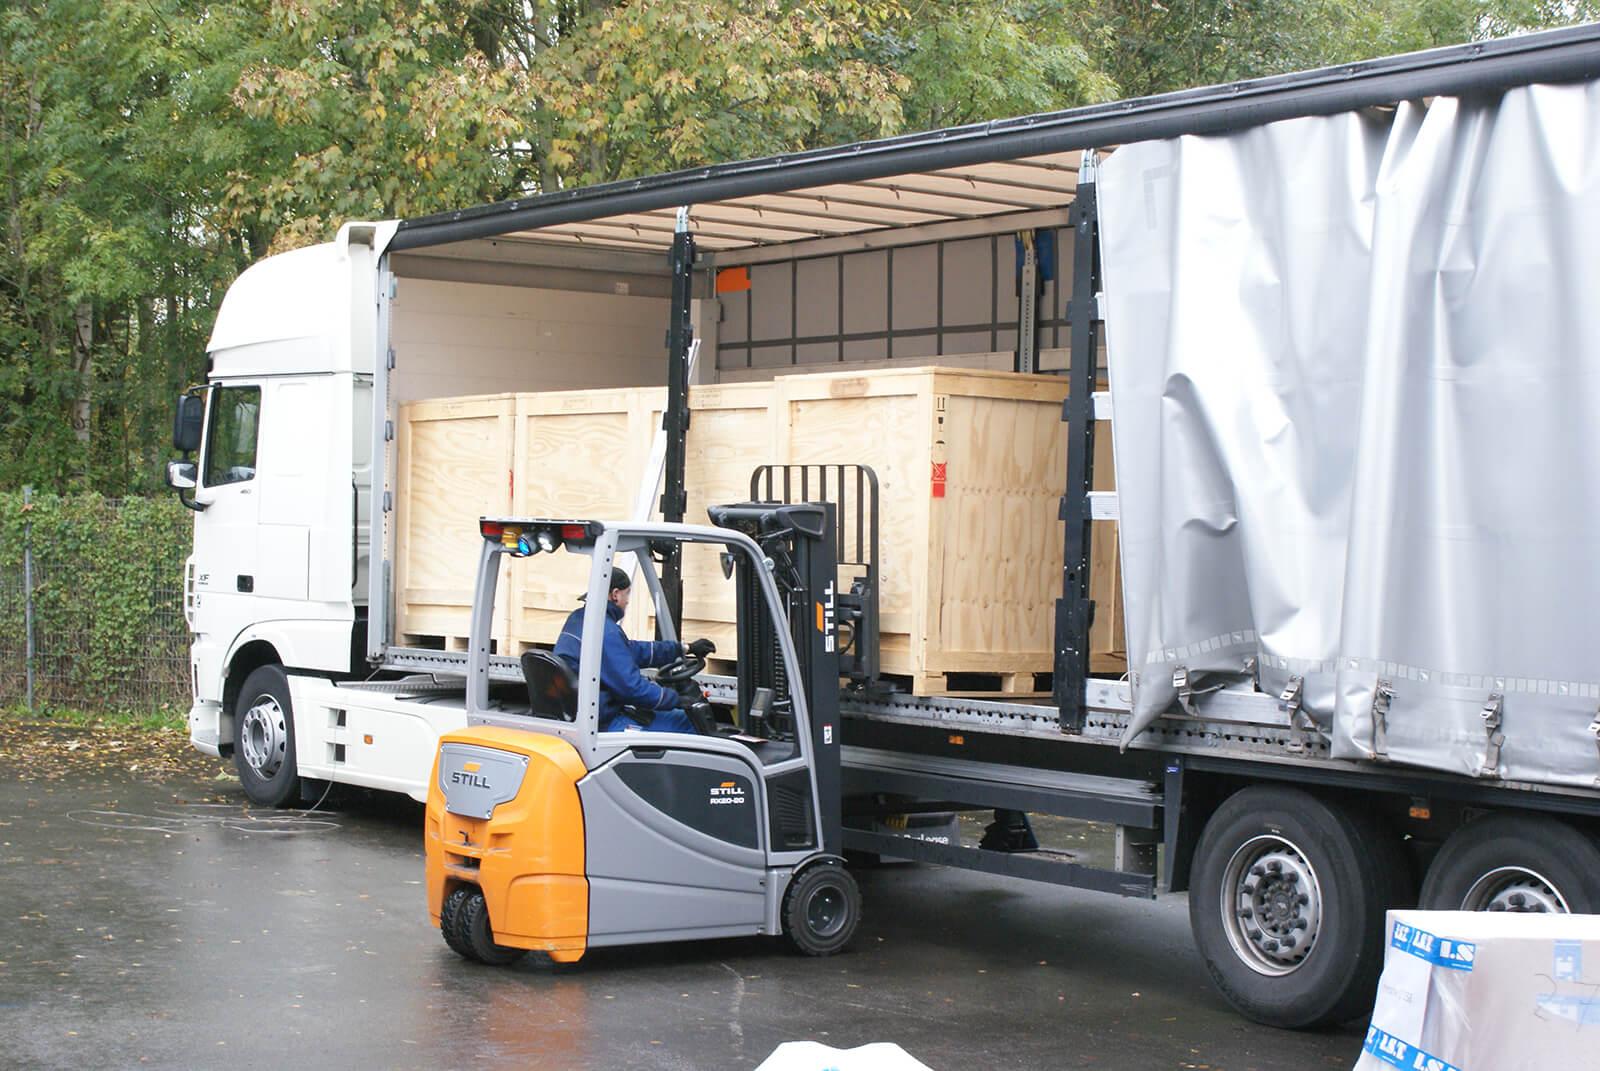 Kisten werden aus LKW geladen